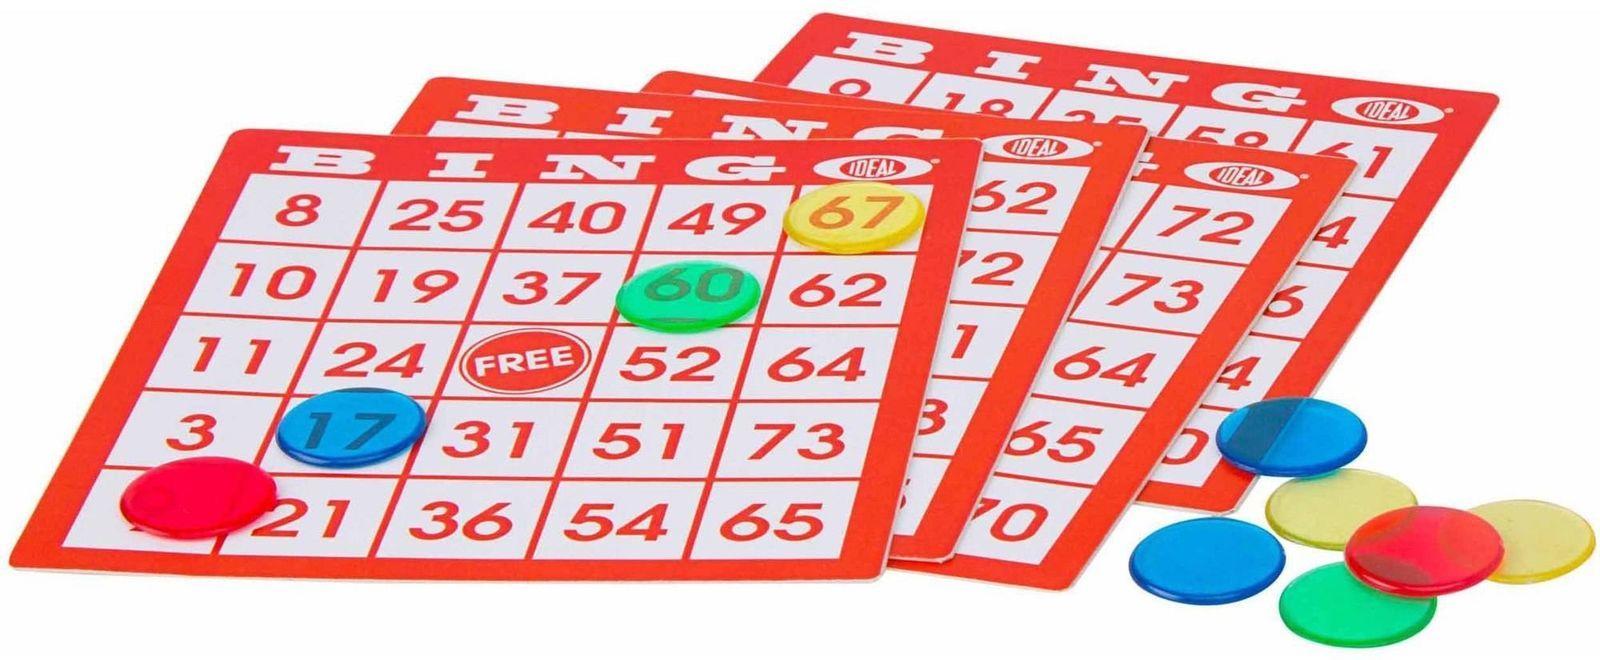 Ideal Games: Win Big - Bingo Night image